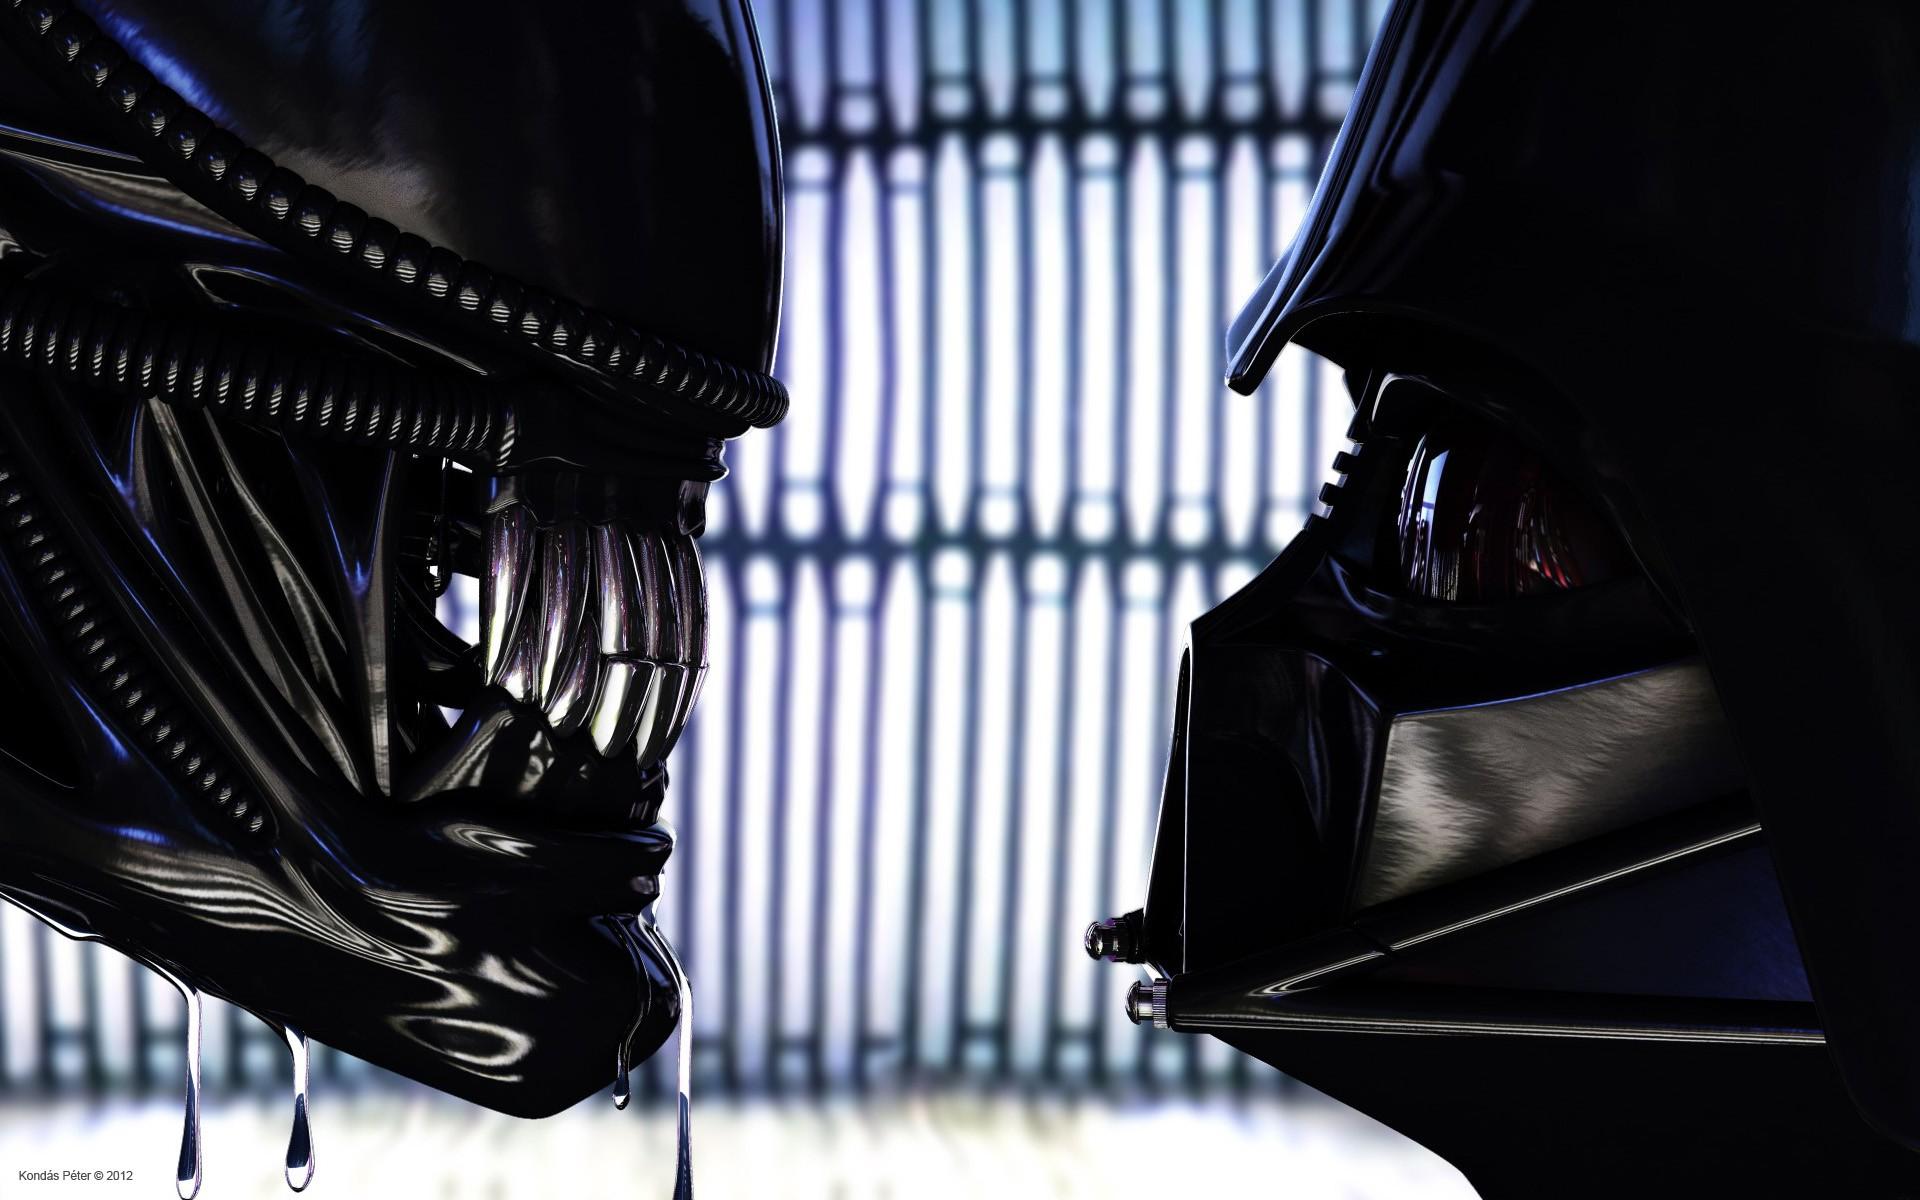 http://kondaspeter.deviantart.com/art/Darth-Vader-vs-Alien ...